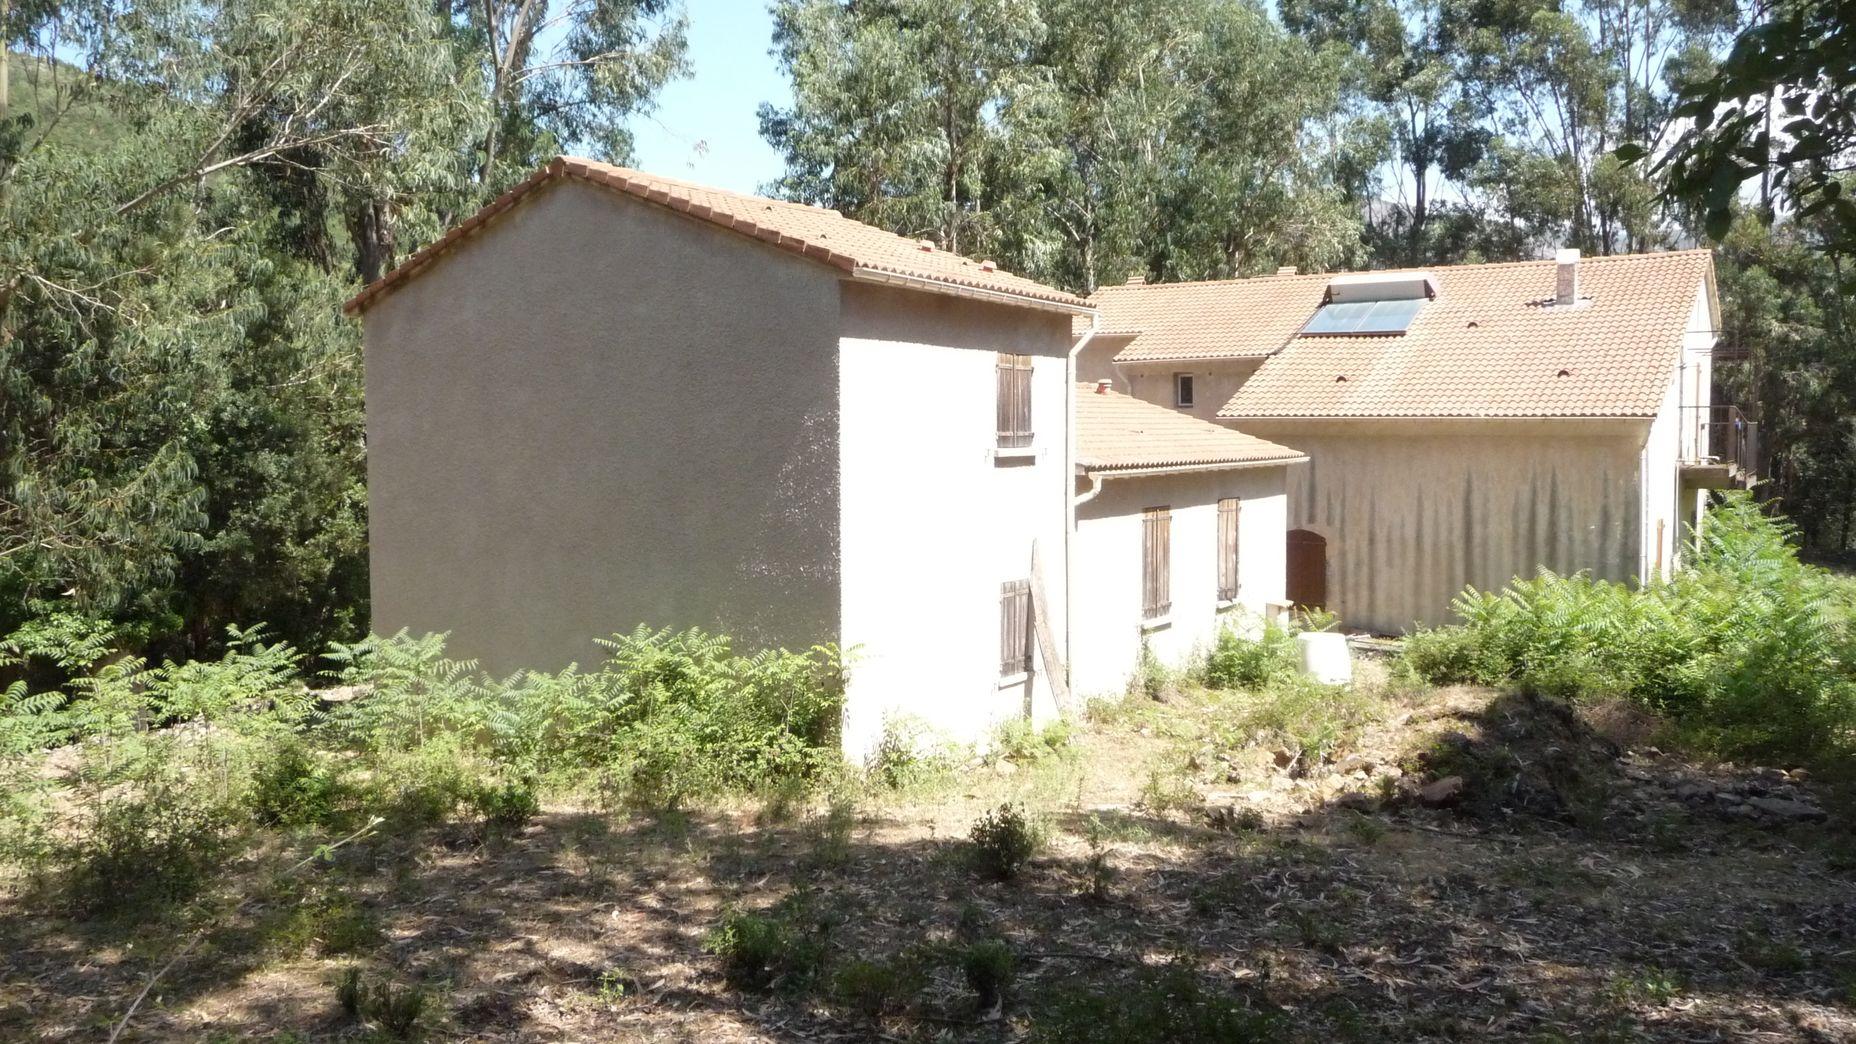 Depuis 1971, l'association loue l'ancienne maison cantonnière de Piriu, dans la vallée du Fangu, transformé en laboratoire d'écologie. (Photo APEEM)